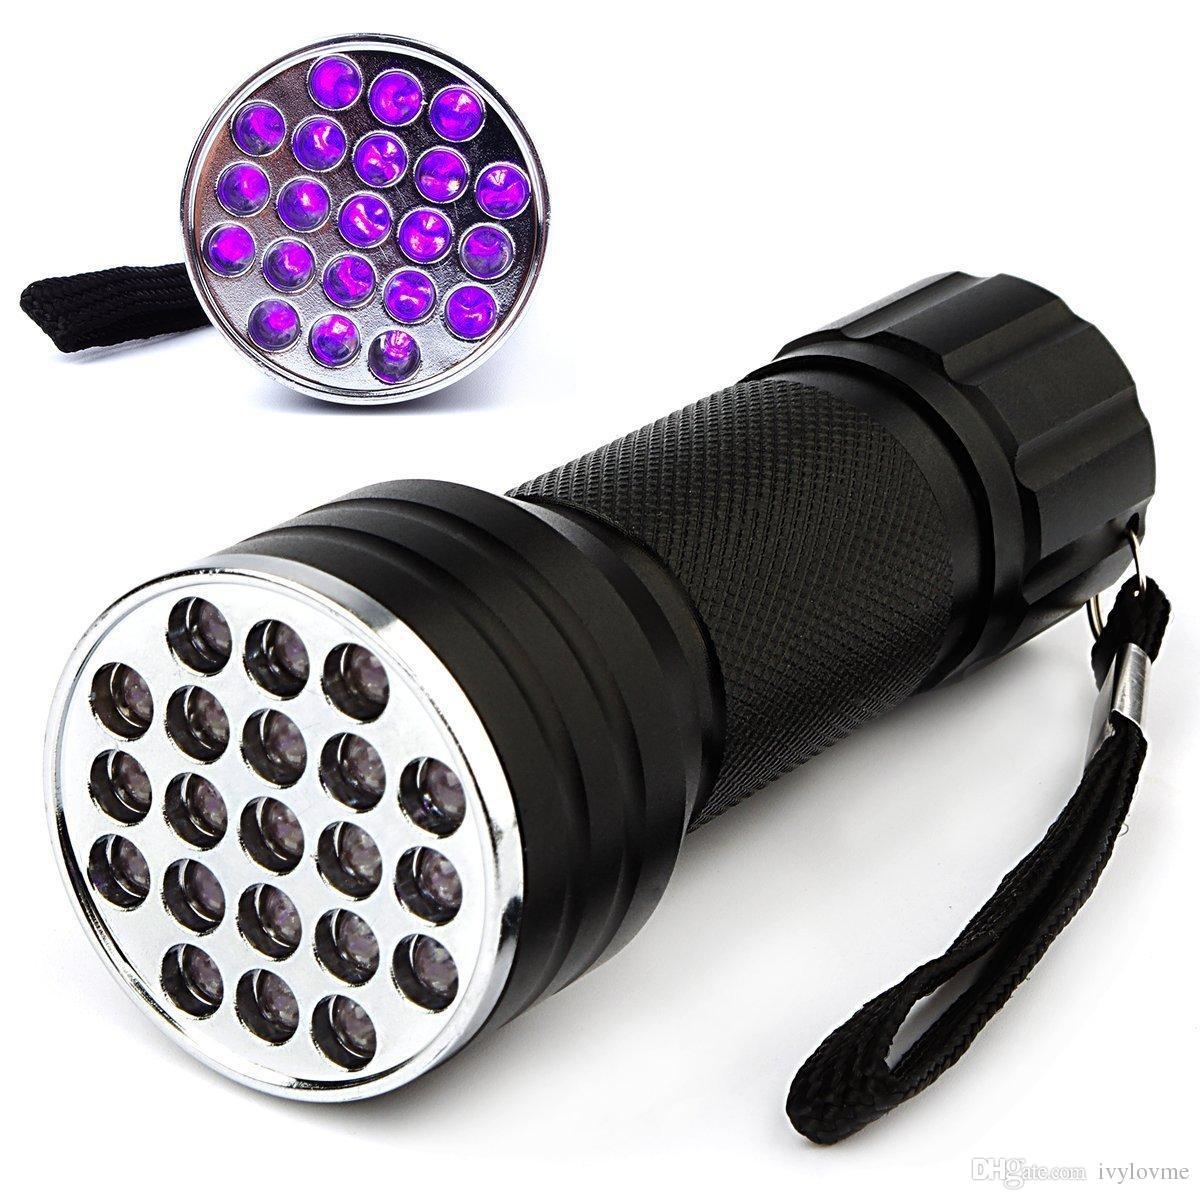 Mini 21 LED Blacklight Invisible Marker Torcia elettrica Lampada da torcia ultravioletta ultravioletta torcia elettrica Spedizione gratuita DHL